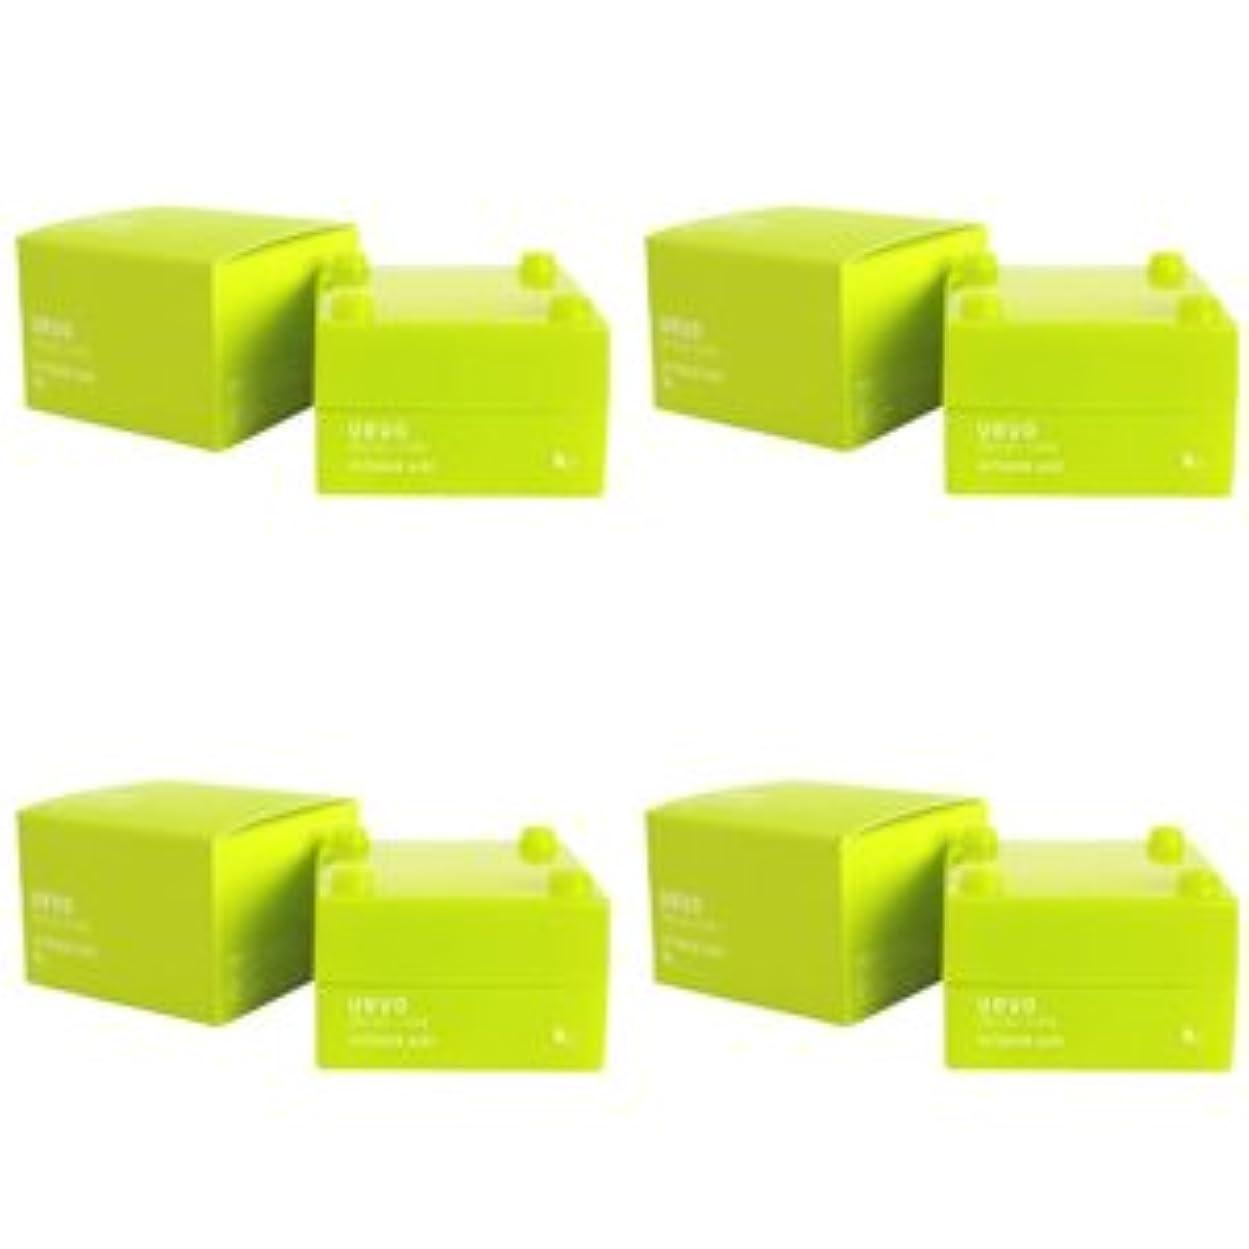 広がり生理差別【X4個セット】 デミ ウェーボ デザインキューブ エアルーズワックス 30g airloose wax DEMI uevo design cube